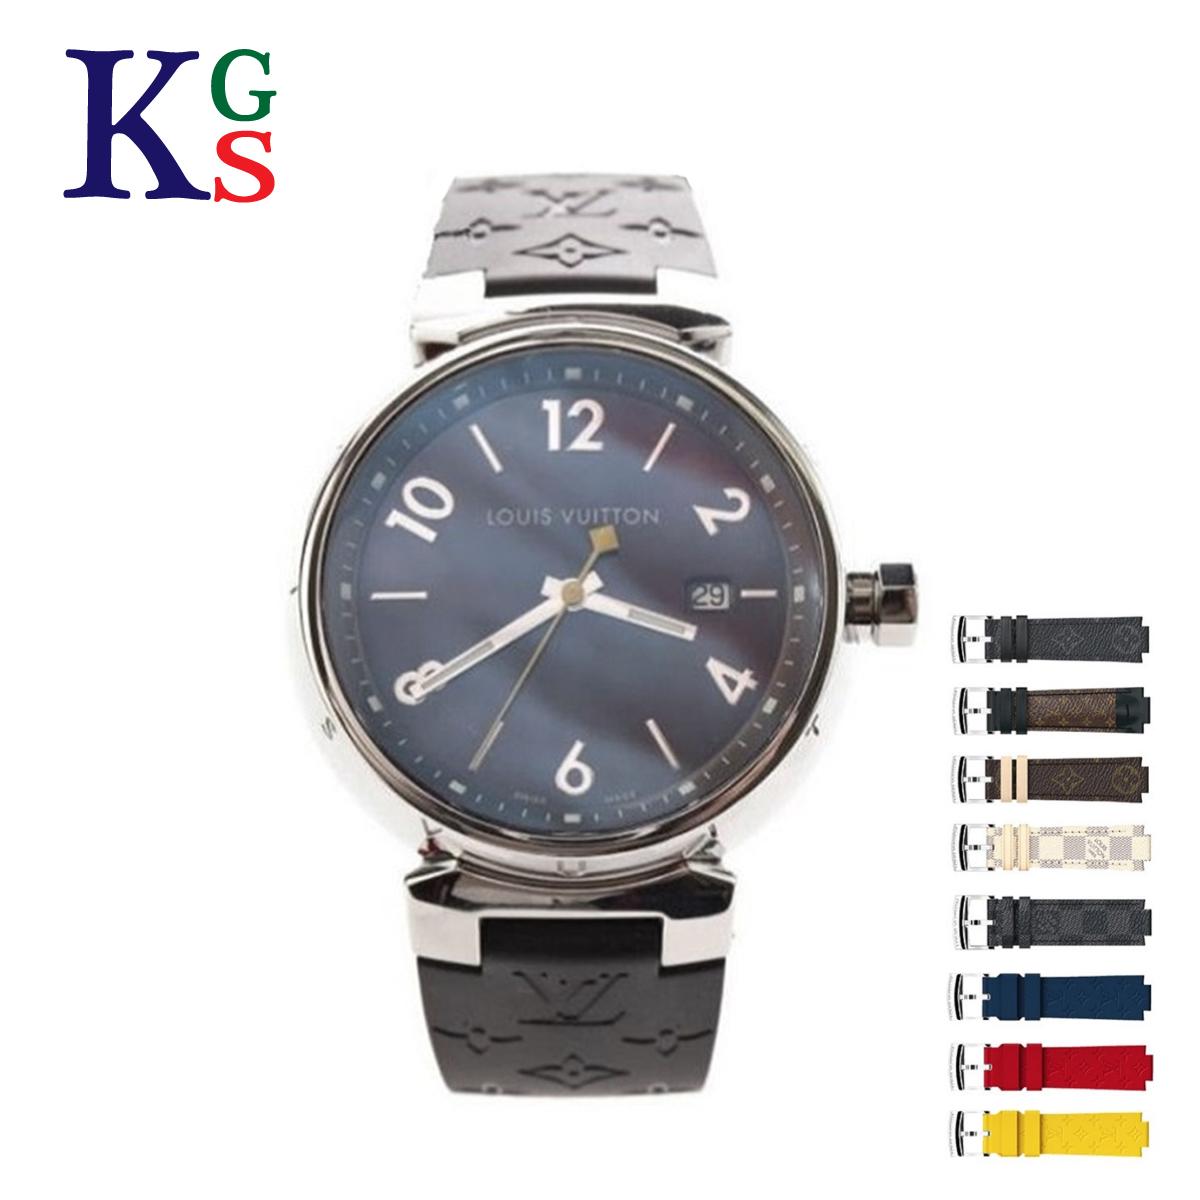 【ギフト品質】ルイヴィトン/Louis Vuitton メンズ 腕時計 タンブールGM 39mm メンズウォッチ ブラウン文字盤×モノグラム ラバーベルト(ブラック) クオーツ Q1111